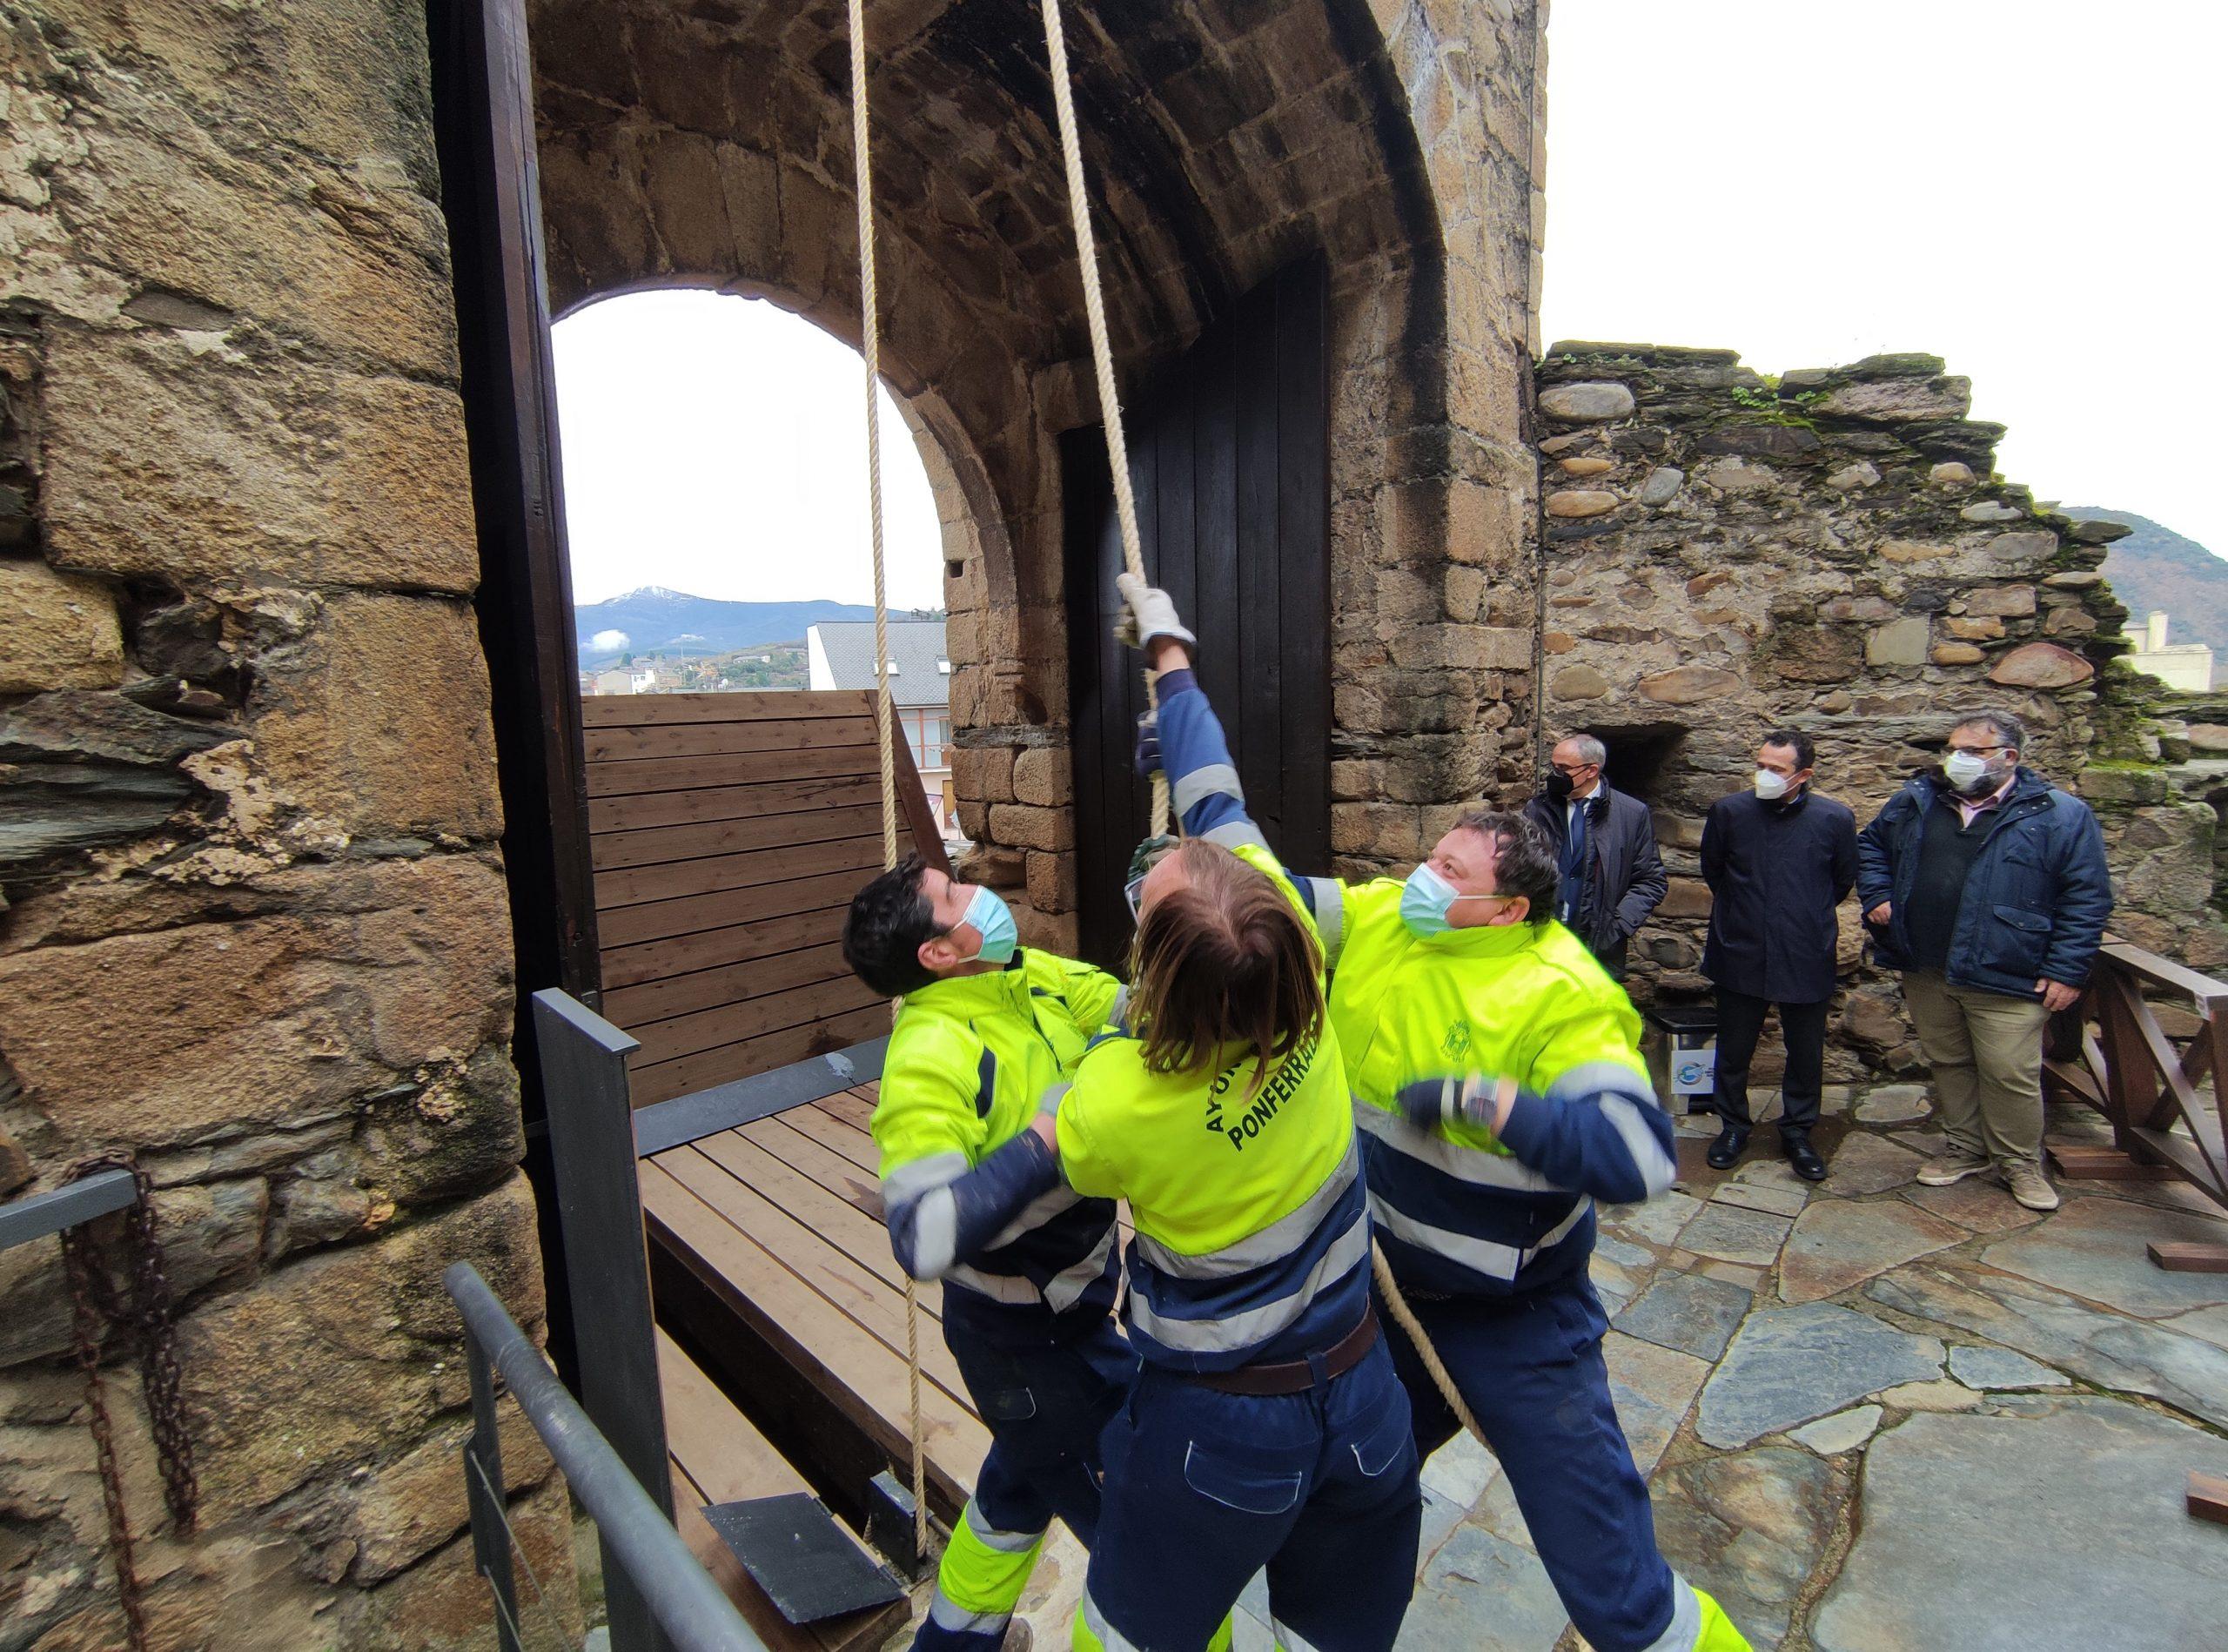 Terminan las obras de restauración del acceso al Castillo de los Templarios de Ponferrada con la recuperación del puente levadizo 3